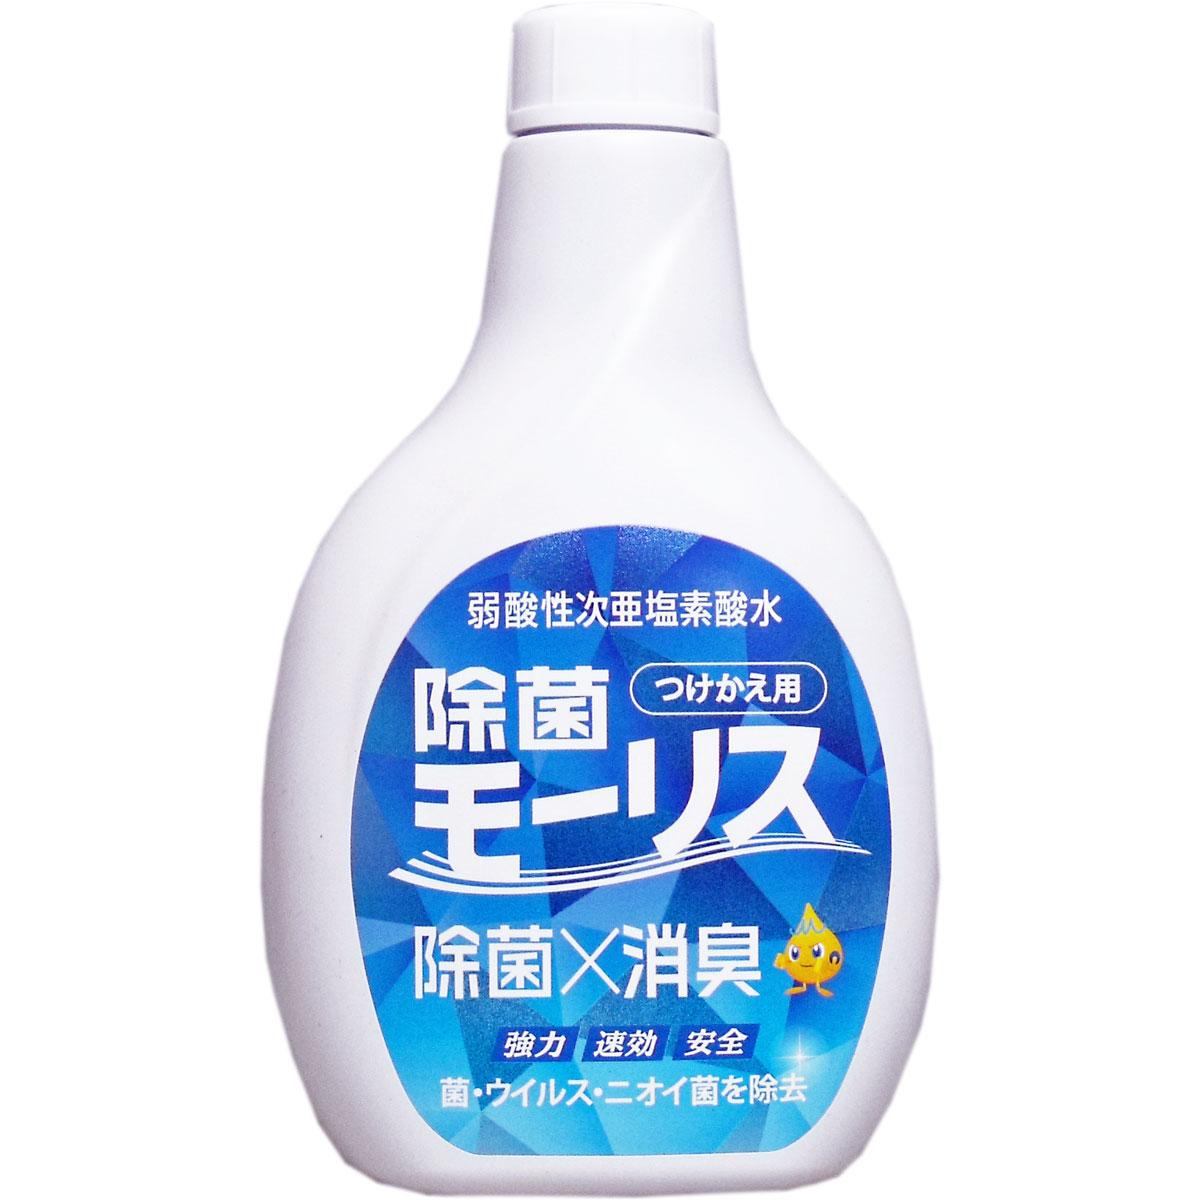 【送料無料】DHC ダイヤモンドリフト【4511413521922】